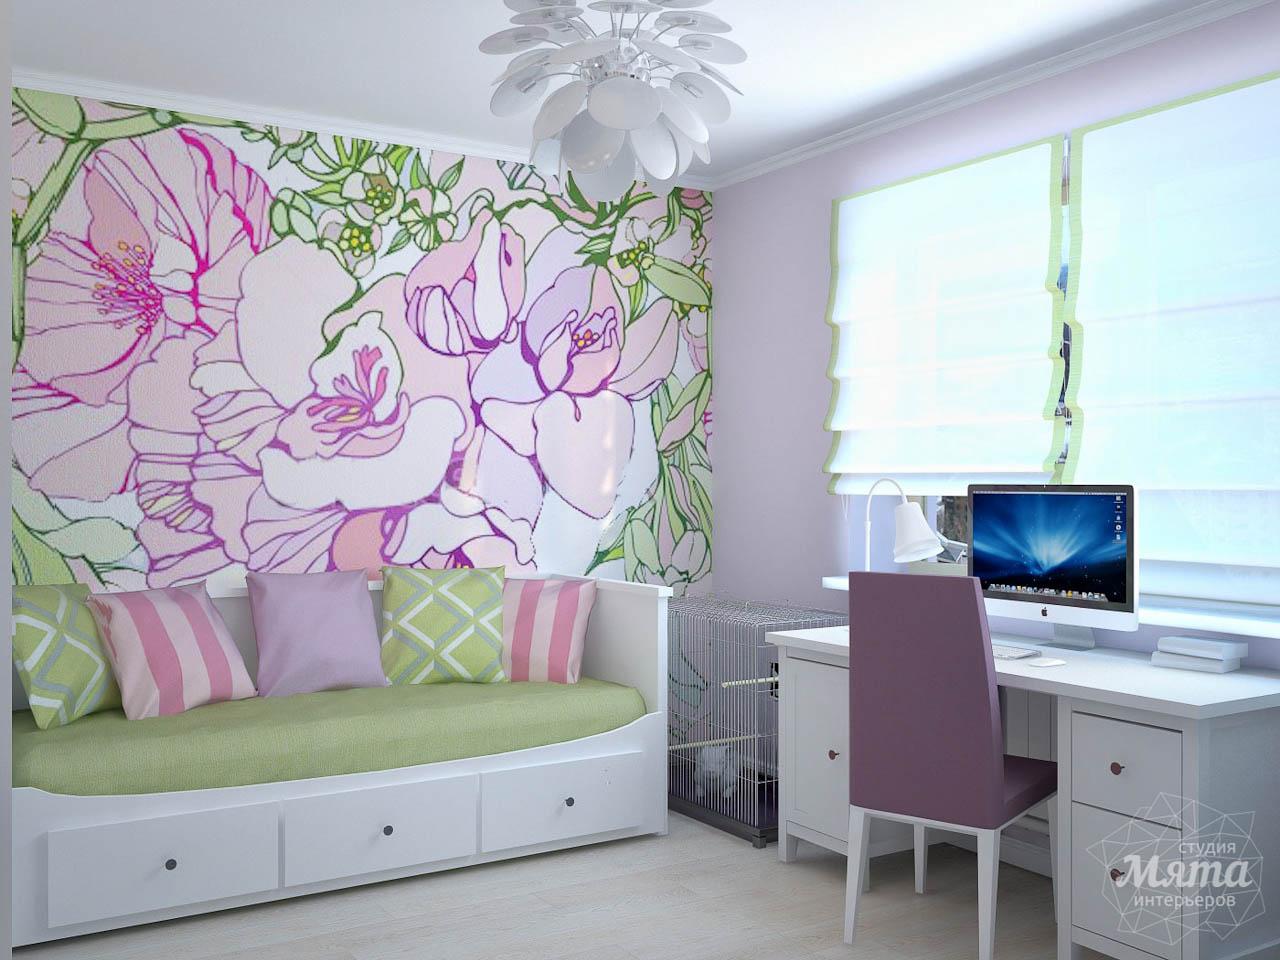 Дизайн интерьера и ремонт трехкомнатной квартиры по ул. Фучика 9 img725882140